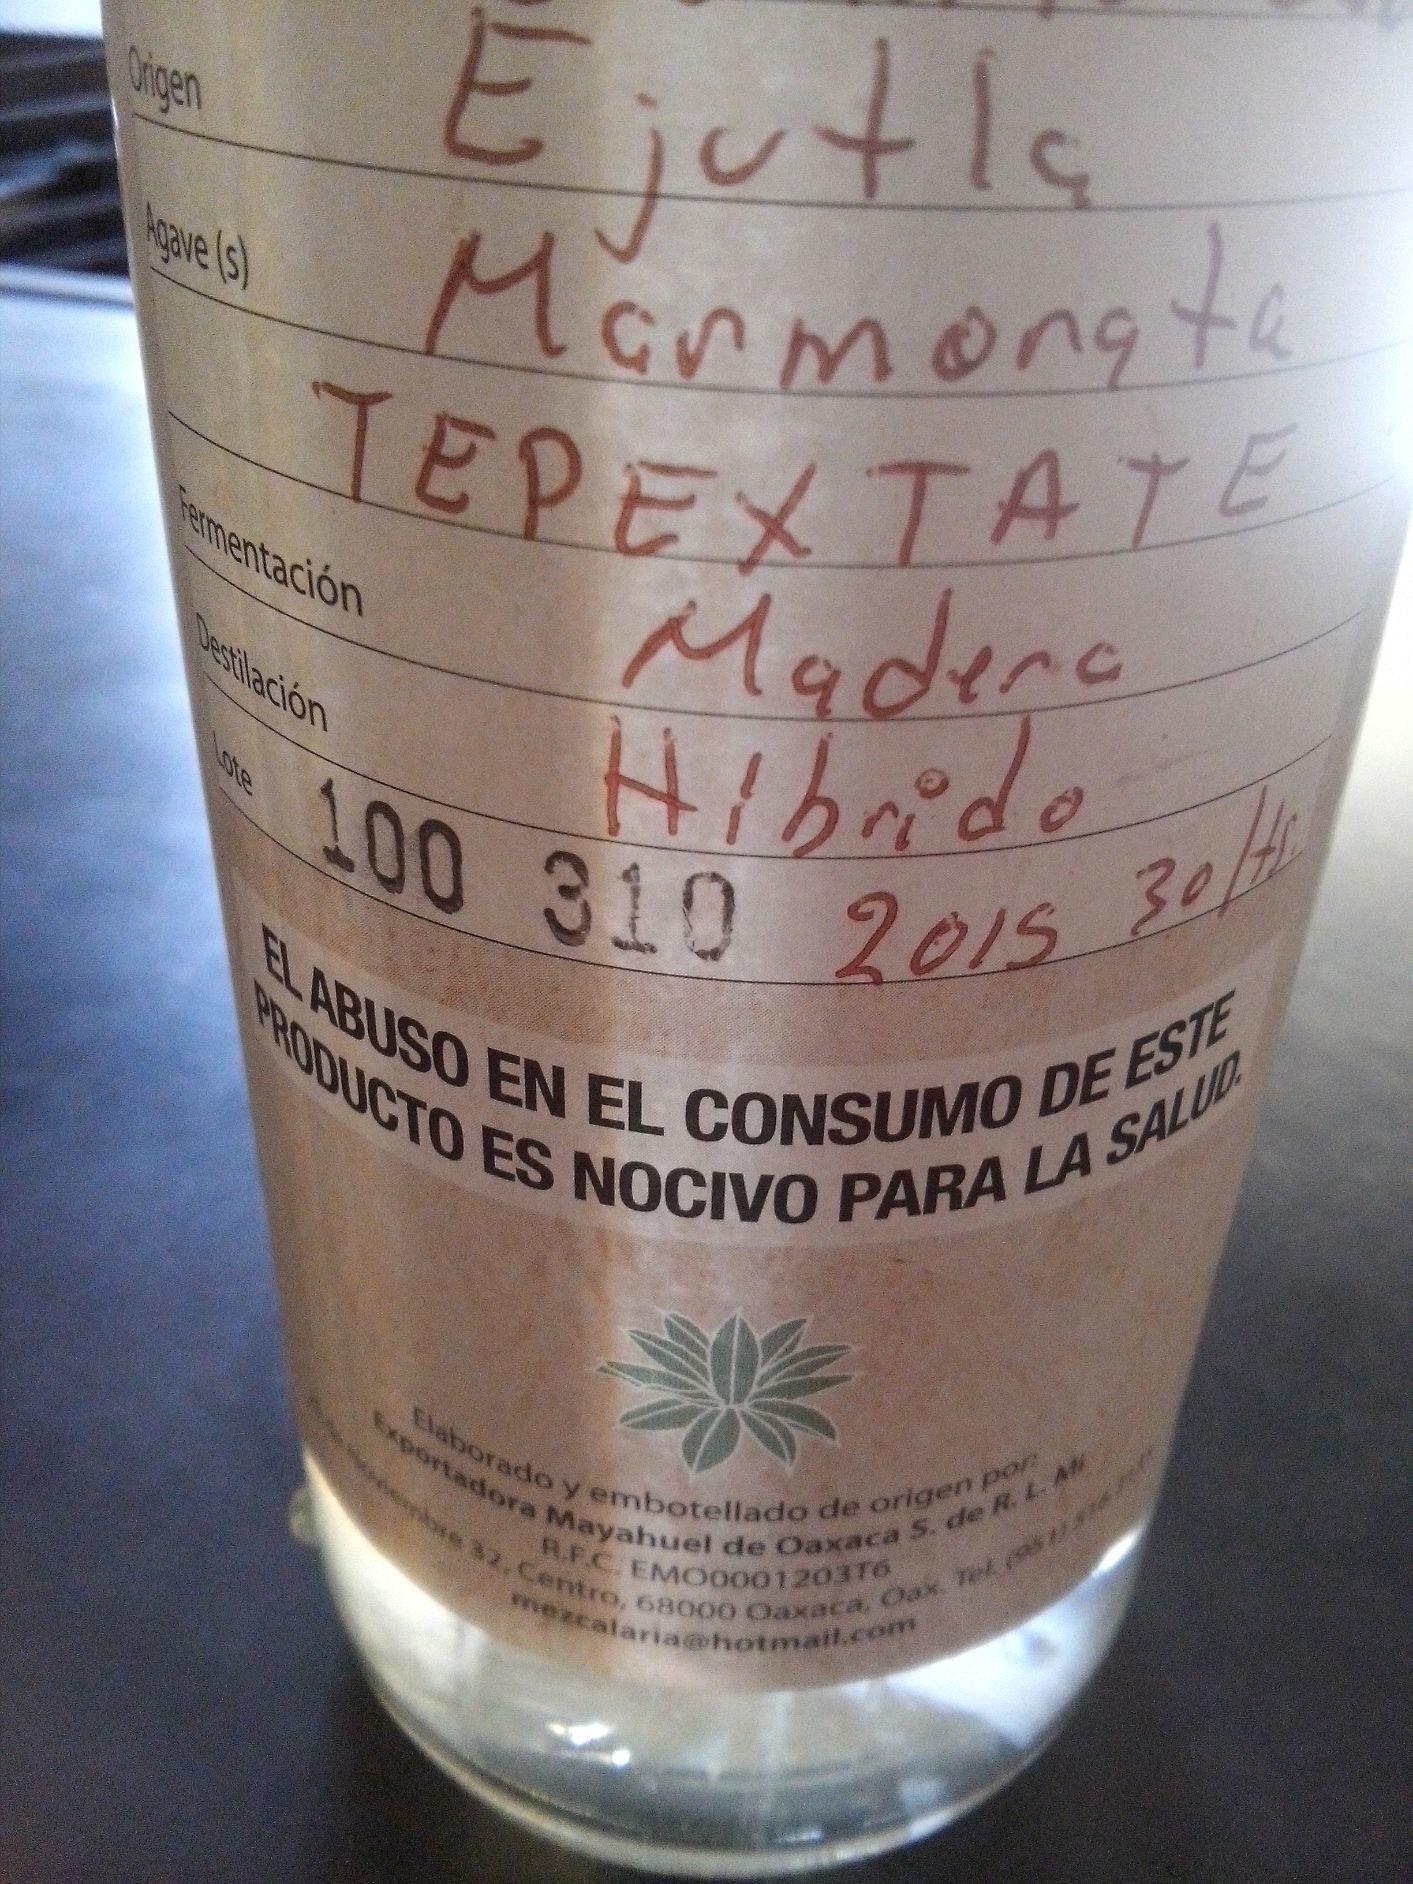 Lo nuevo el In Situ, Tepextate destilado en alambique de olla y cobre. Ven a probarlo. Edición de 20 litros.